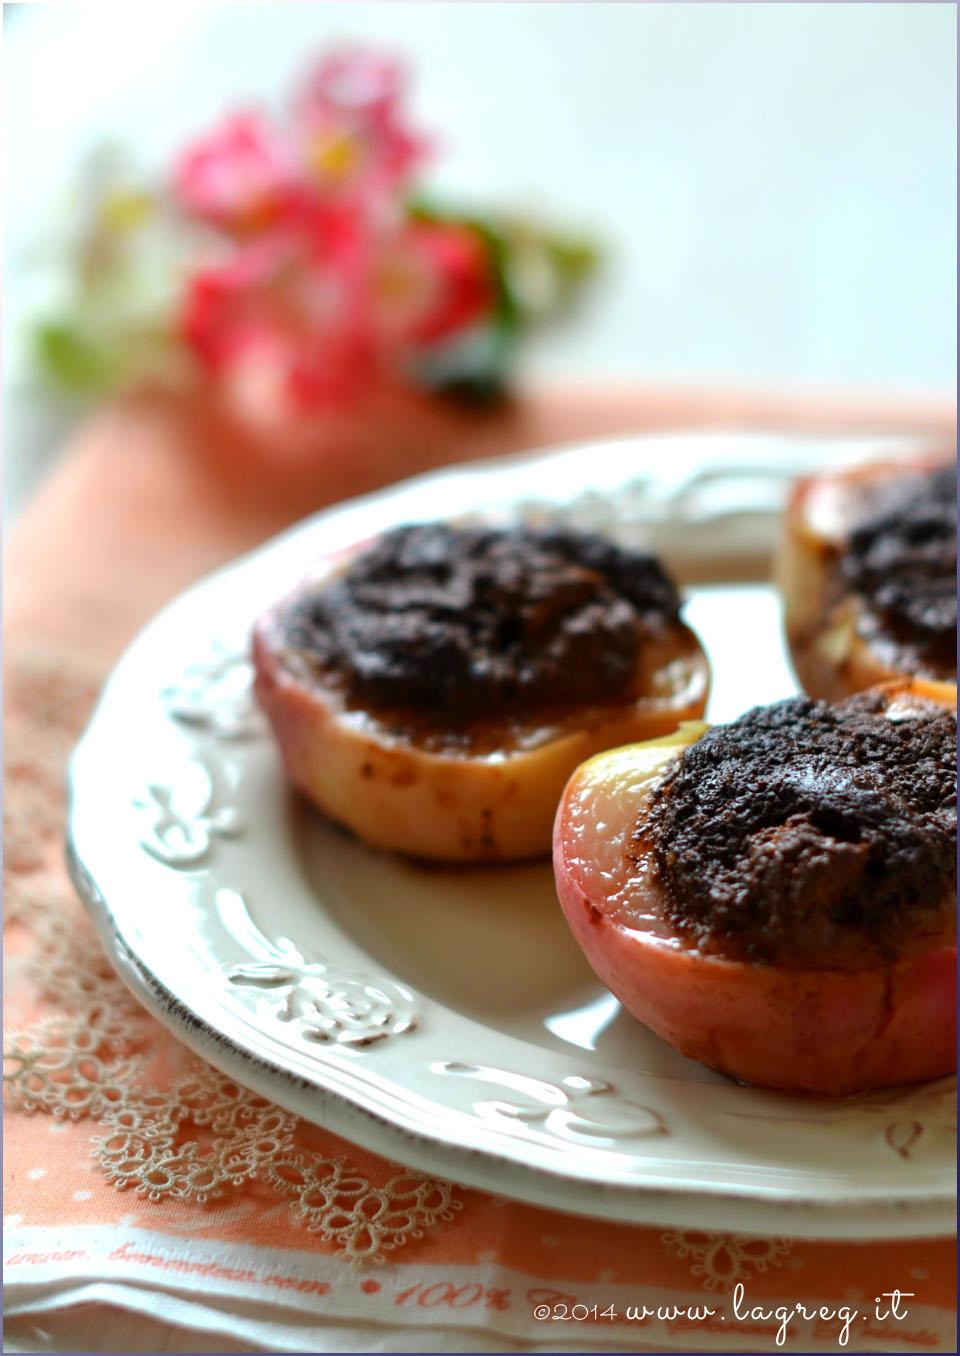 pesche ripiene alla piemontese | amaretti and cocoa stuffed peaches